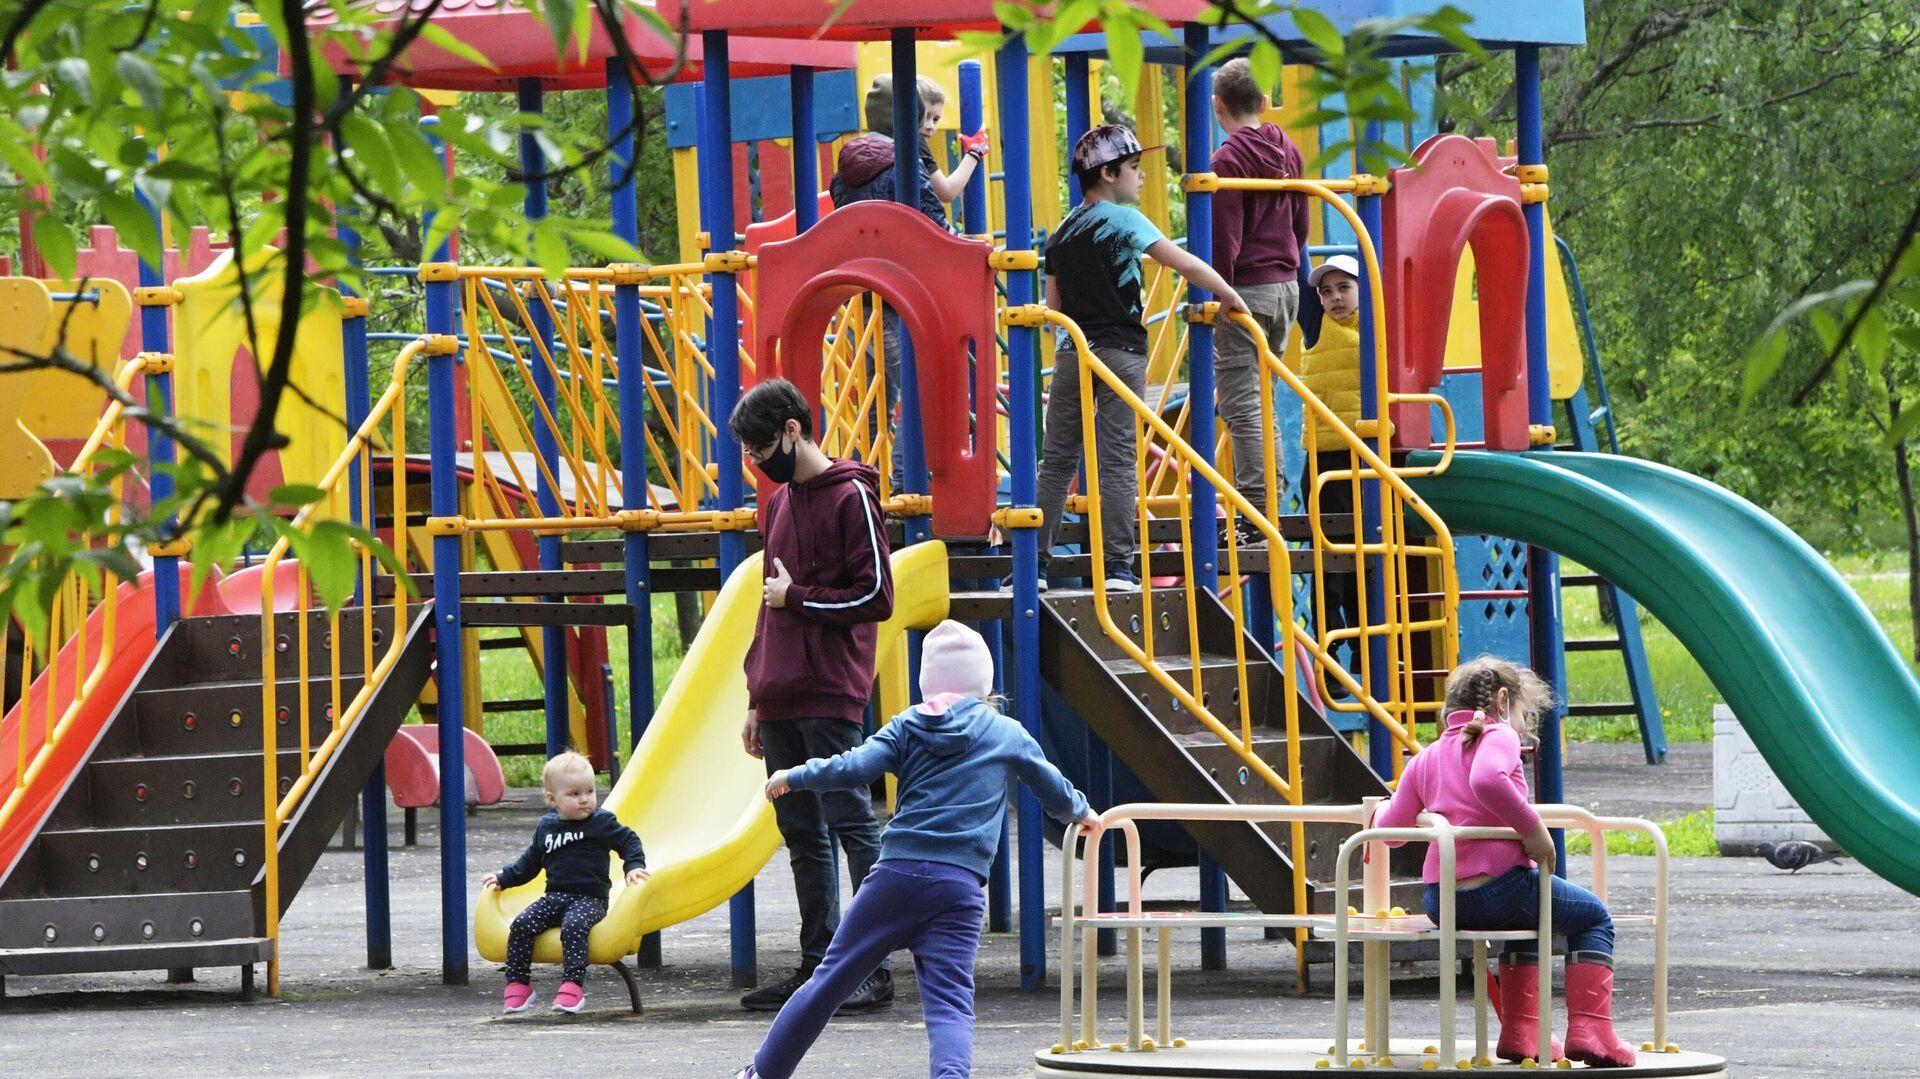 Жители Москвы отдыхают в Народном парке на Ленинском проспекте - РИА Новости, 1920, 23.04.2021